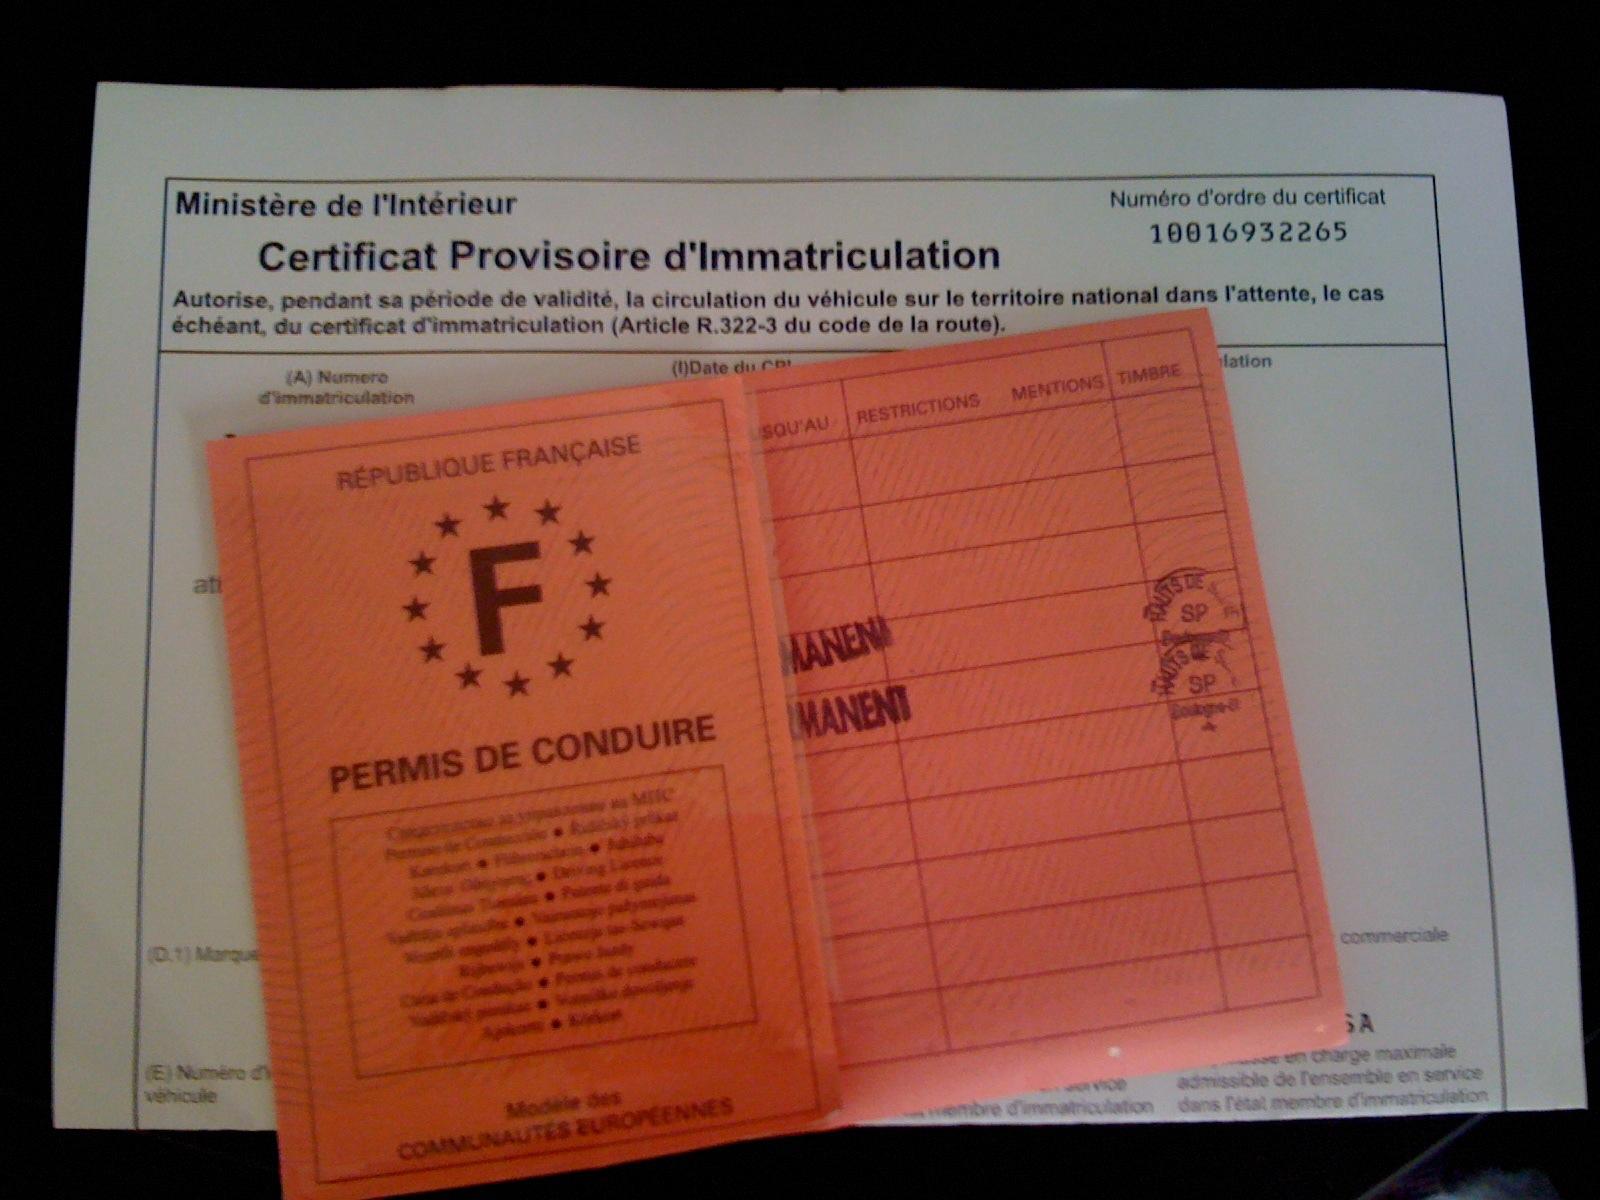 Les informations importantes à savoir lire sur une carte grise (certificat d'immatriculation)